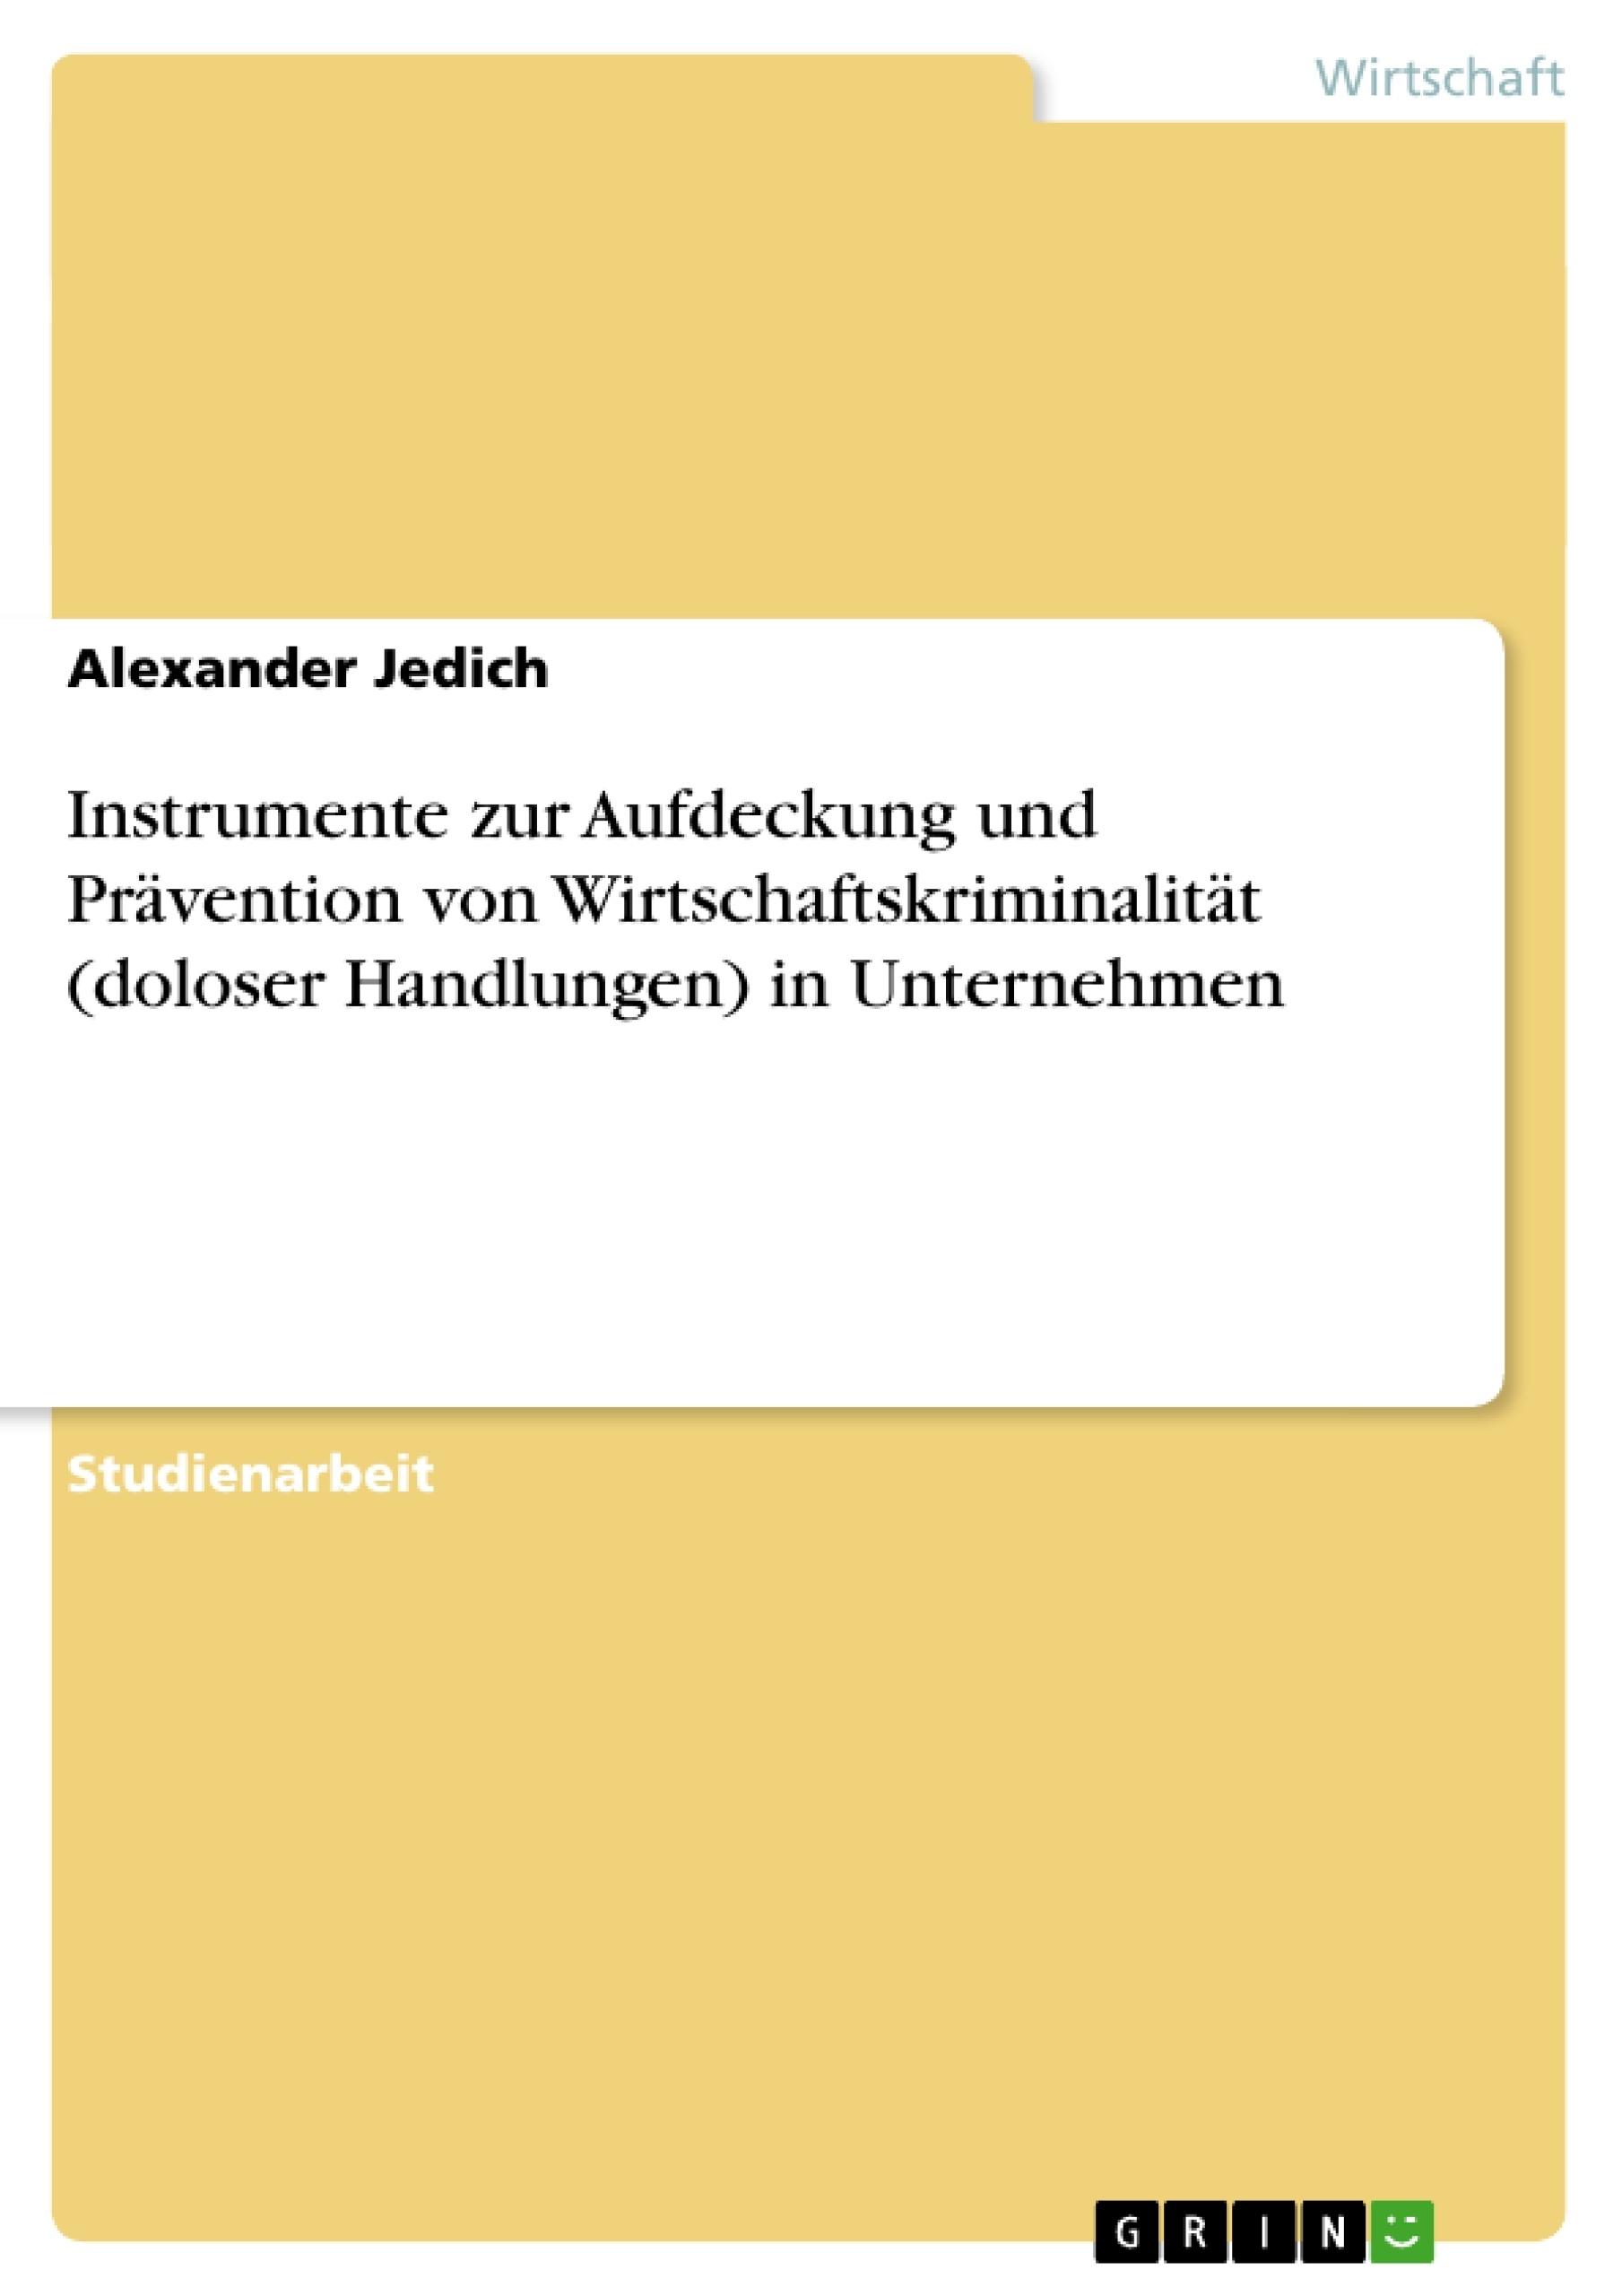 Titel: Instrumente zur Aufdeckung und Prävention von Wirtschaftskriminalität (doloser Handlungen) in Unternehmen